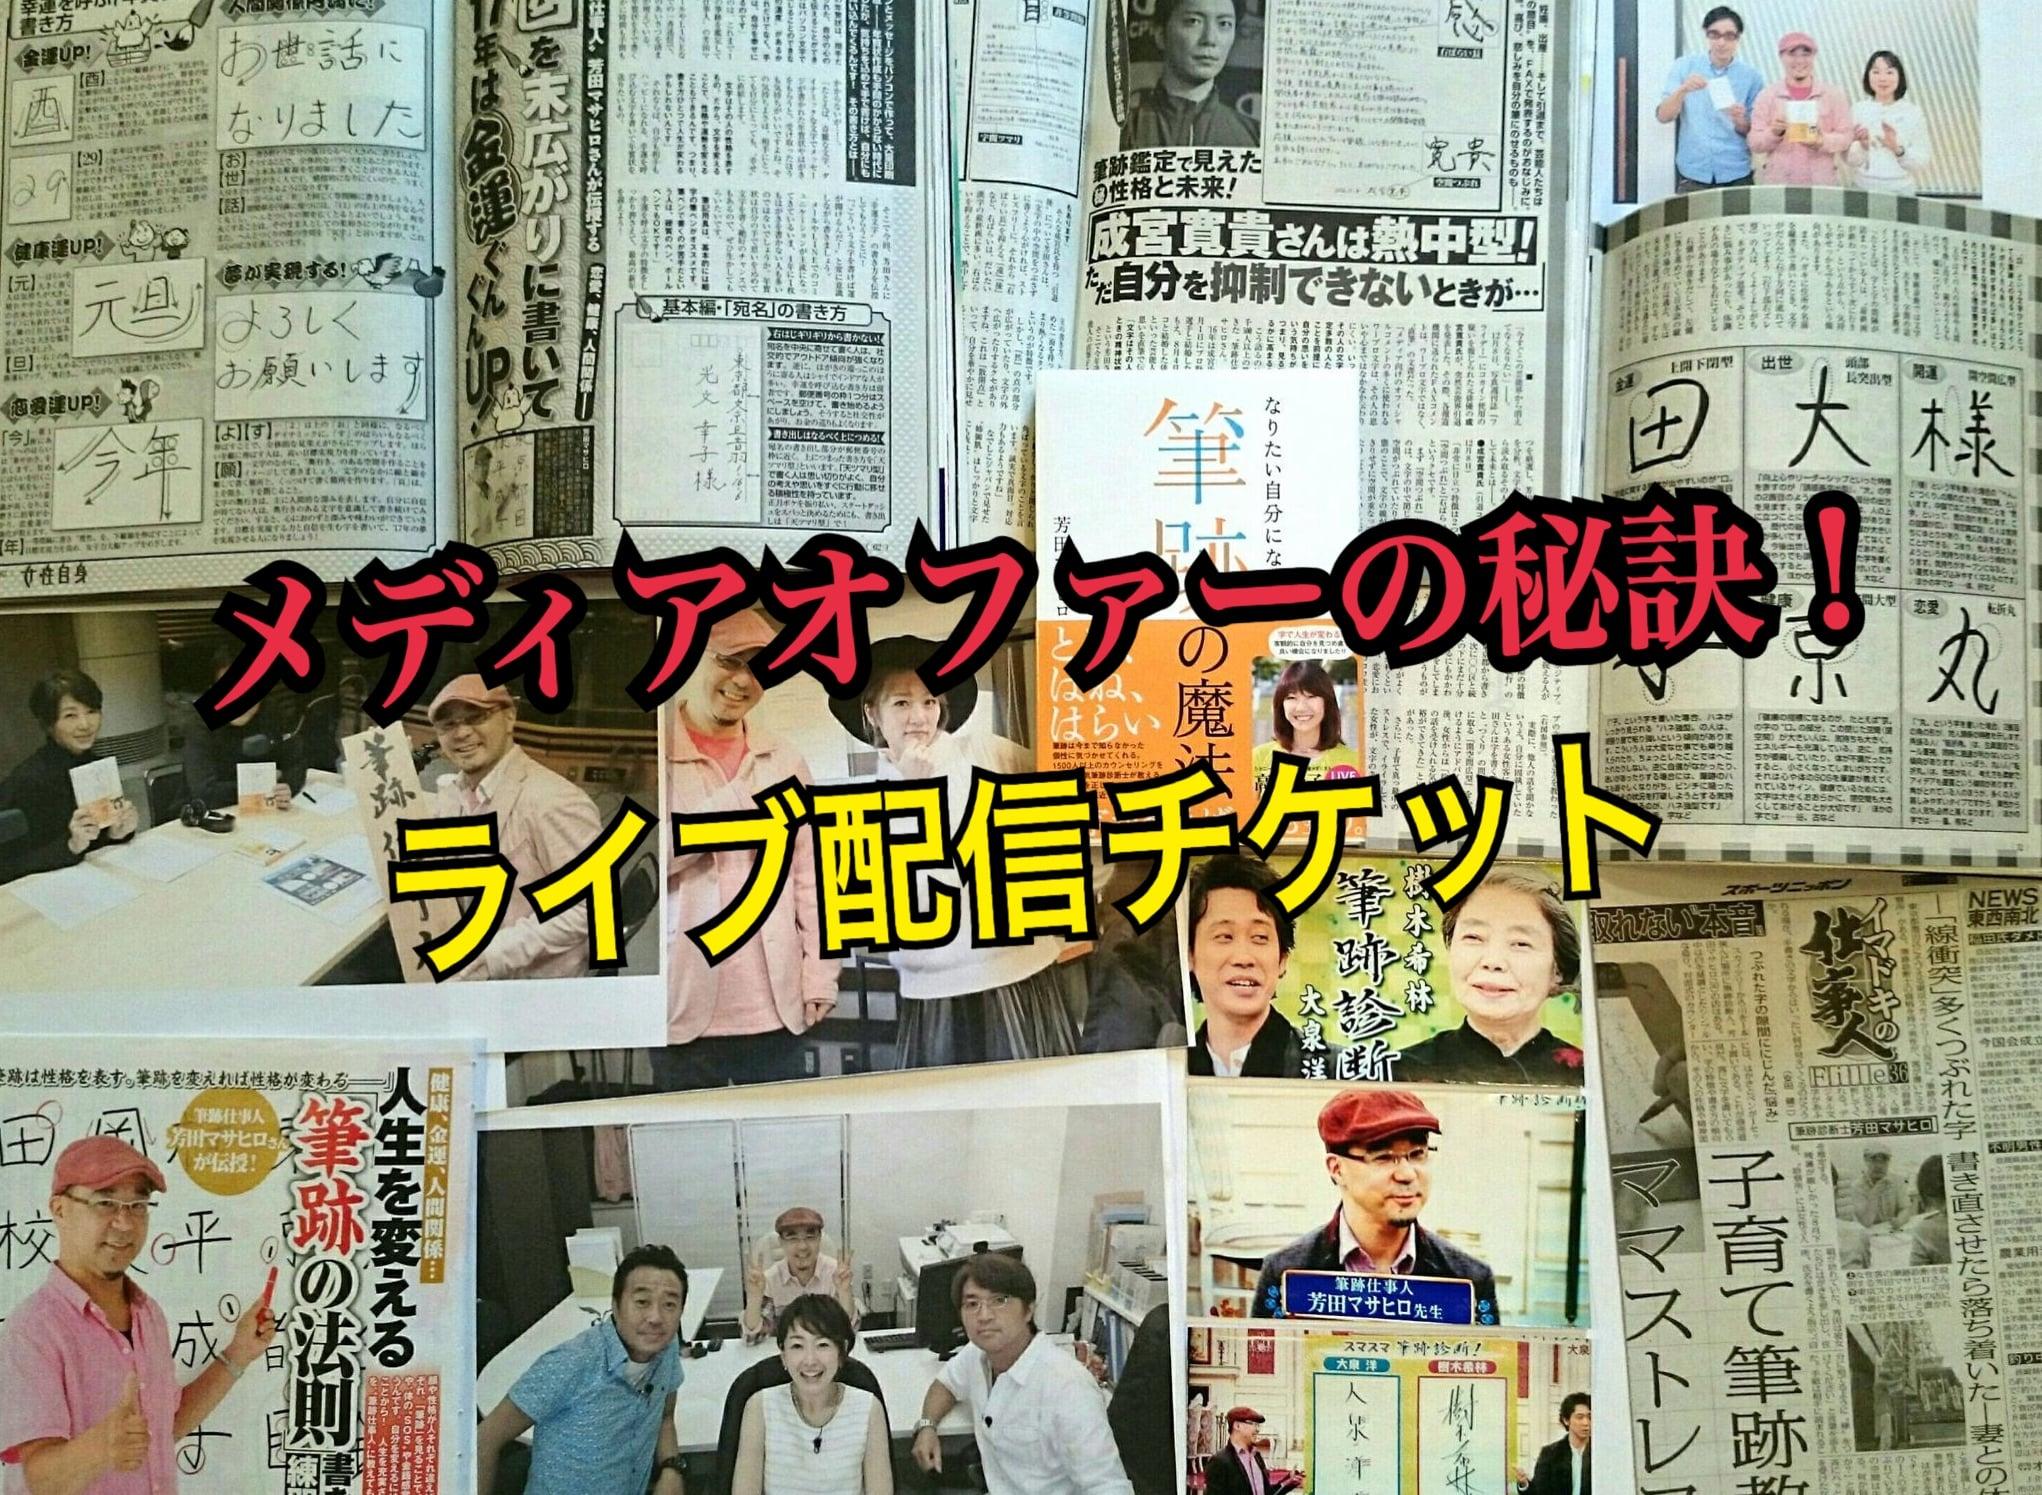 【ライブ配信チケット】メディア引き寄せセミナー@お豆腐の会のイメージその1